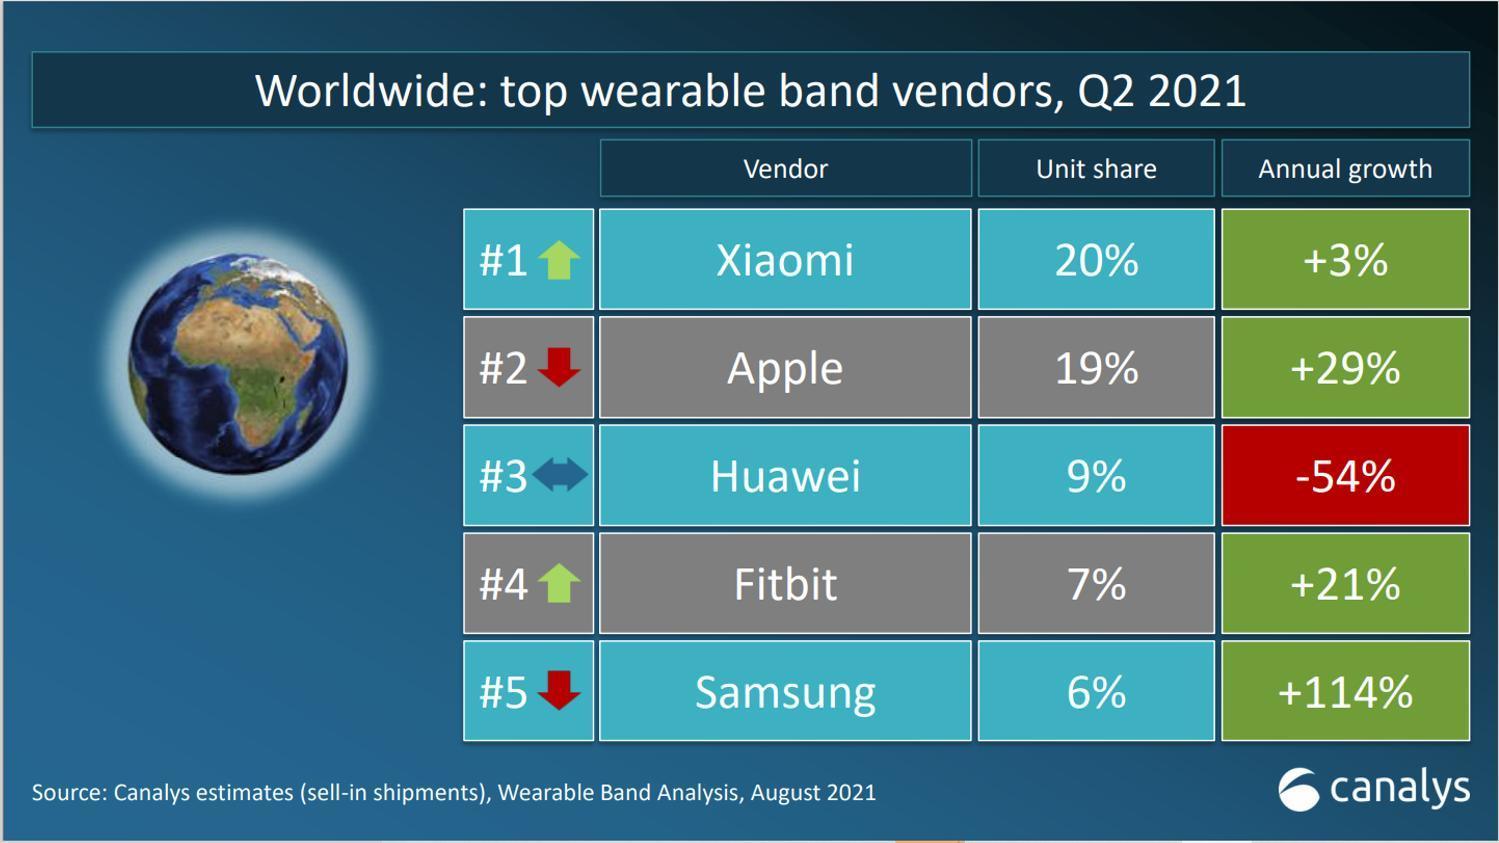 Xiaomi giữ ngôi vị đầu thị trường thiết bị đeo tay tại Việt Nam và thế giới quý 2/2021